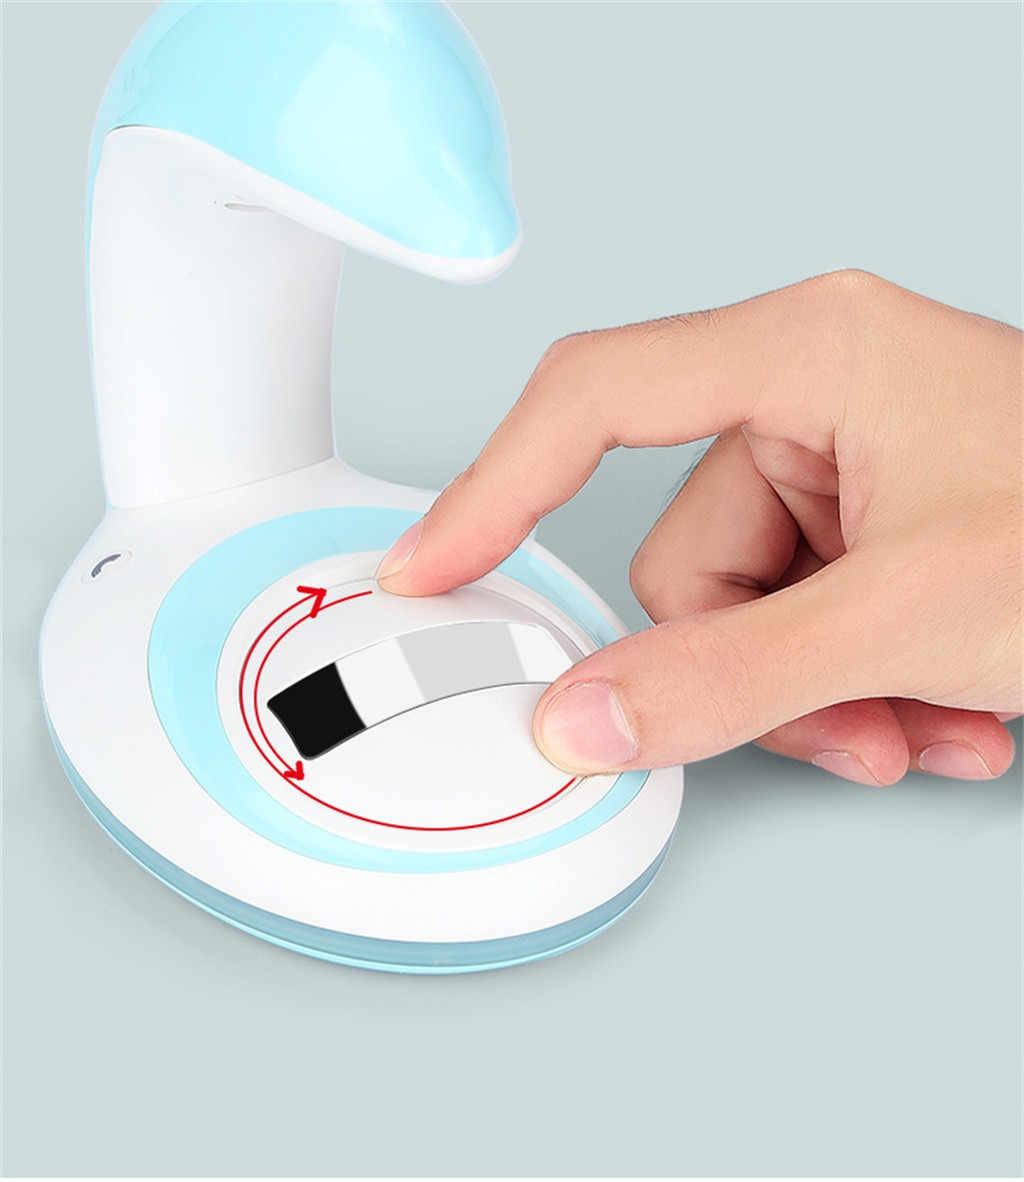 Умный дом фестиваль 3D Дельфин Радуга проектор USB Ослепительная светодиодная светящаяся лампа 19Apr1 Прямая доставка вентилятор увлажнитель